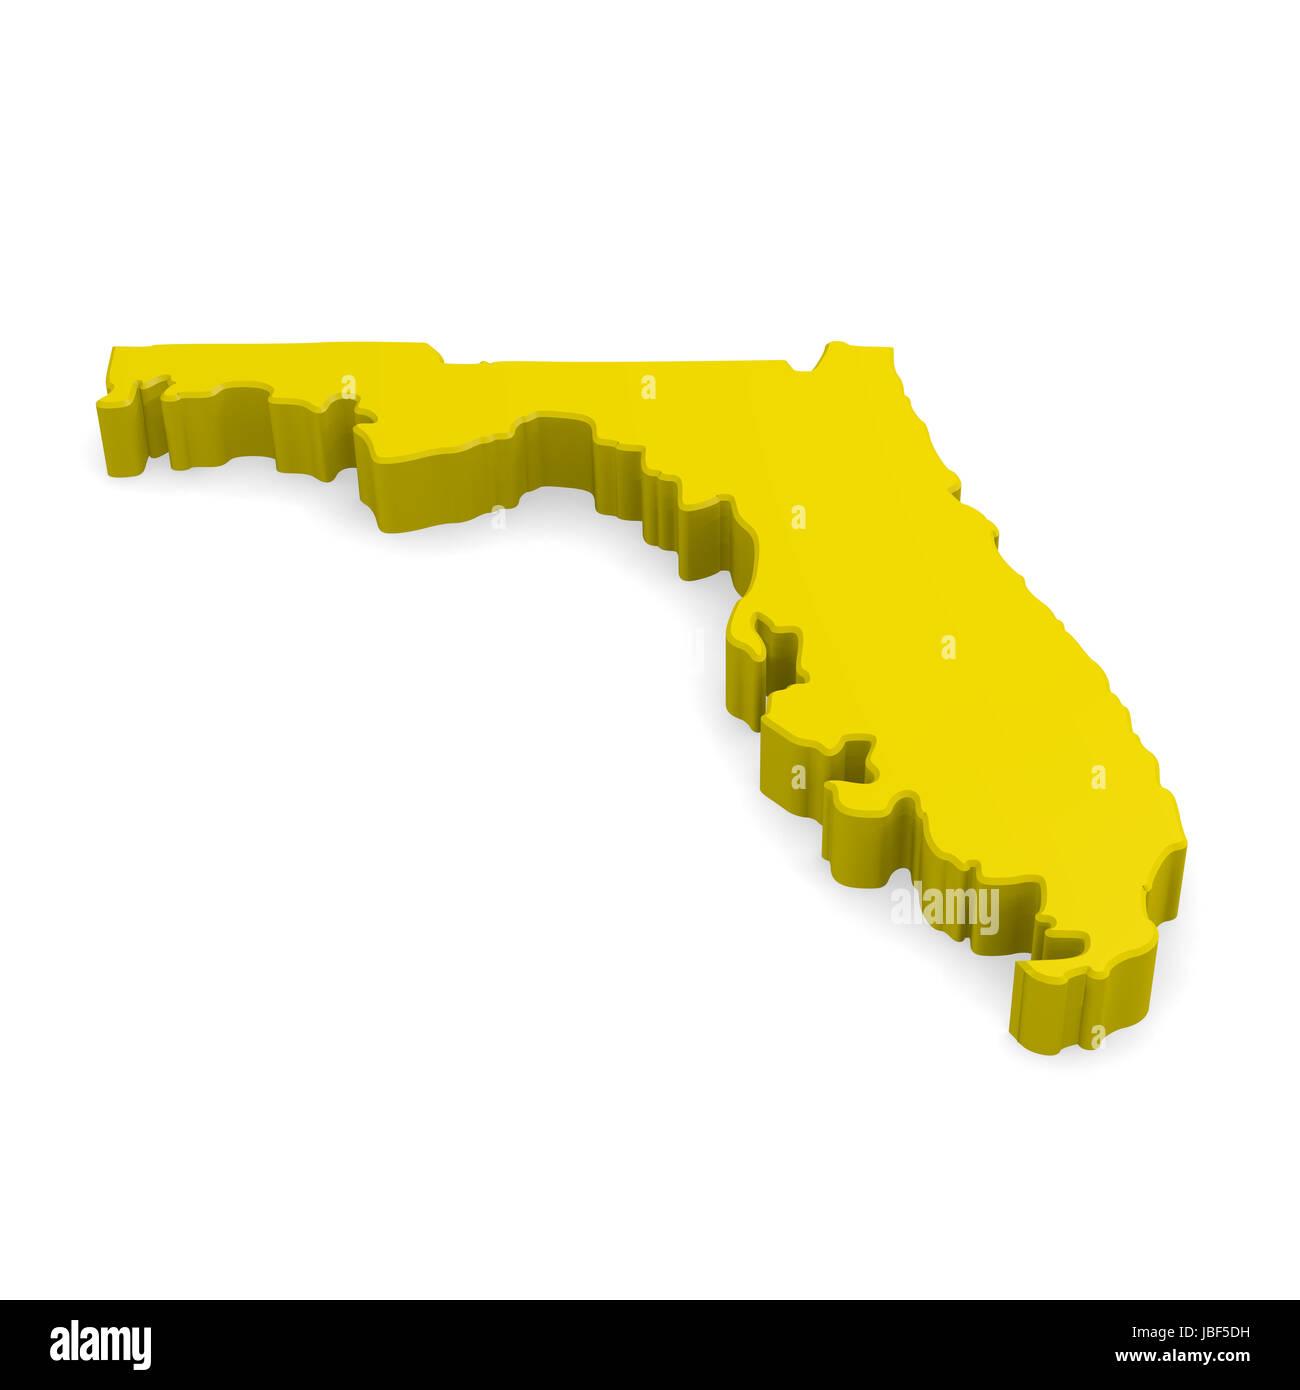 3d map of Florida Stock Photo: 144777741   Alamy